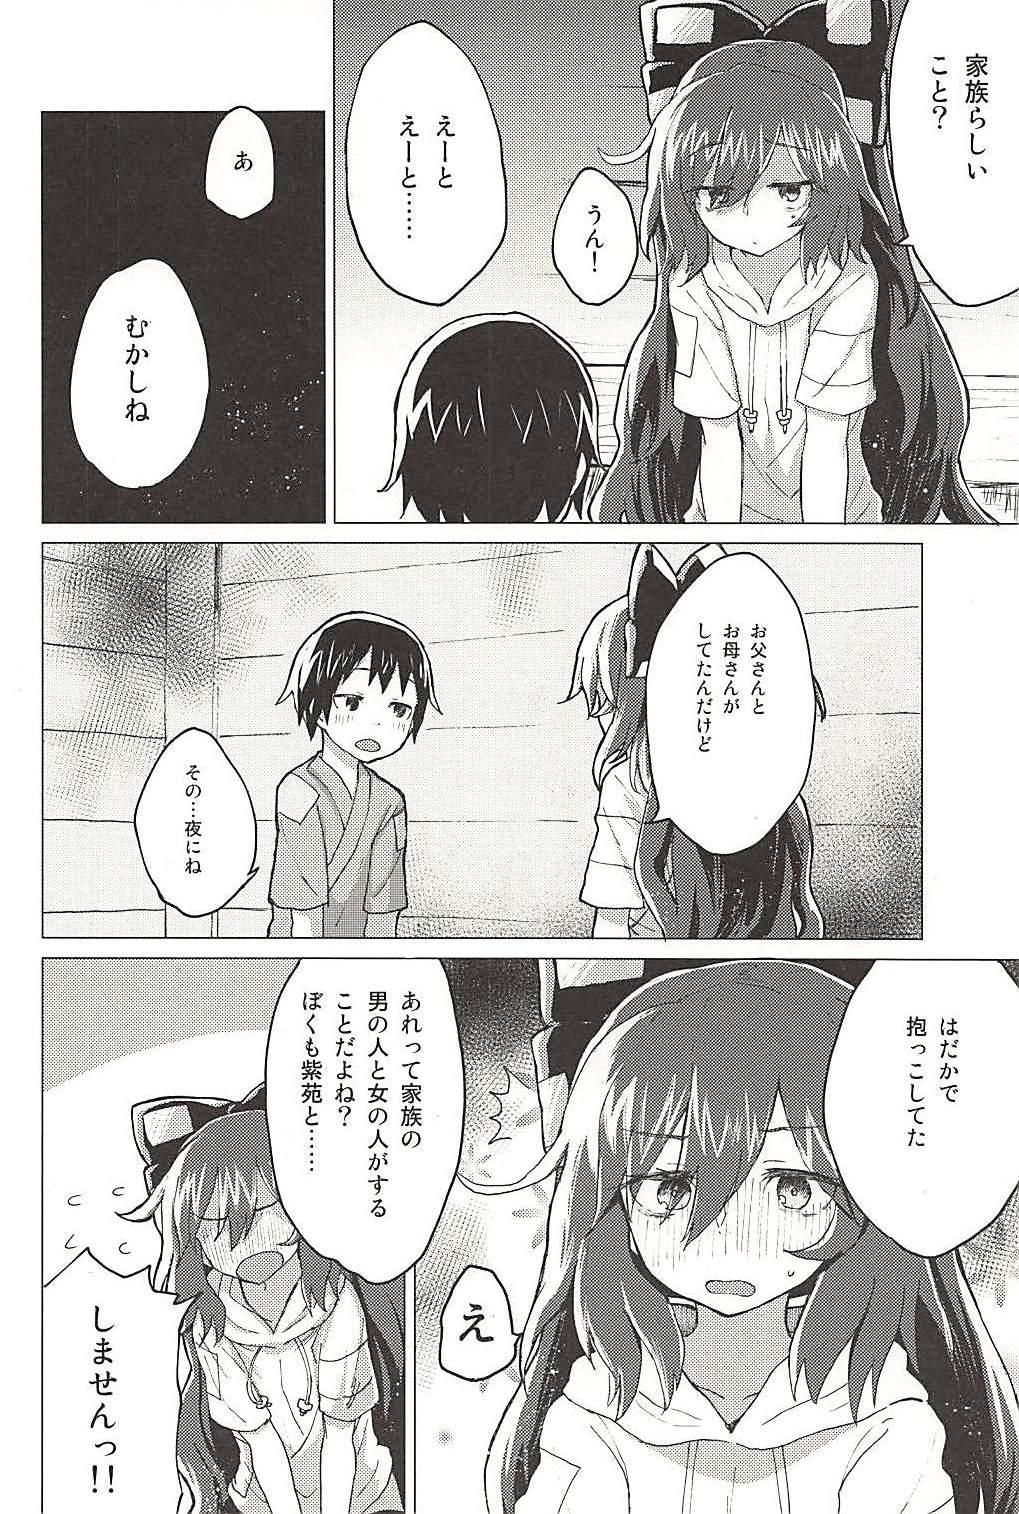 Shion Onee-chan to Kazoku ni Naru Hon 6